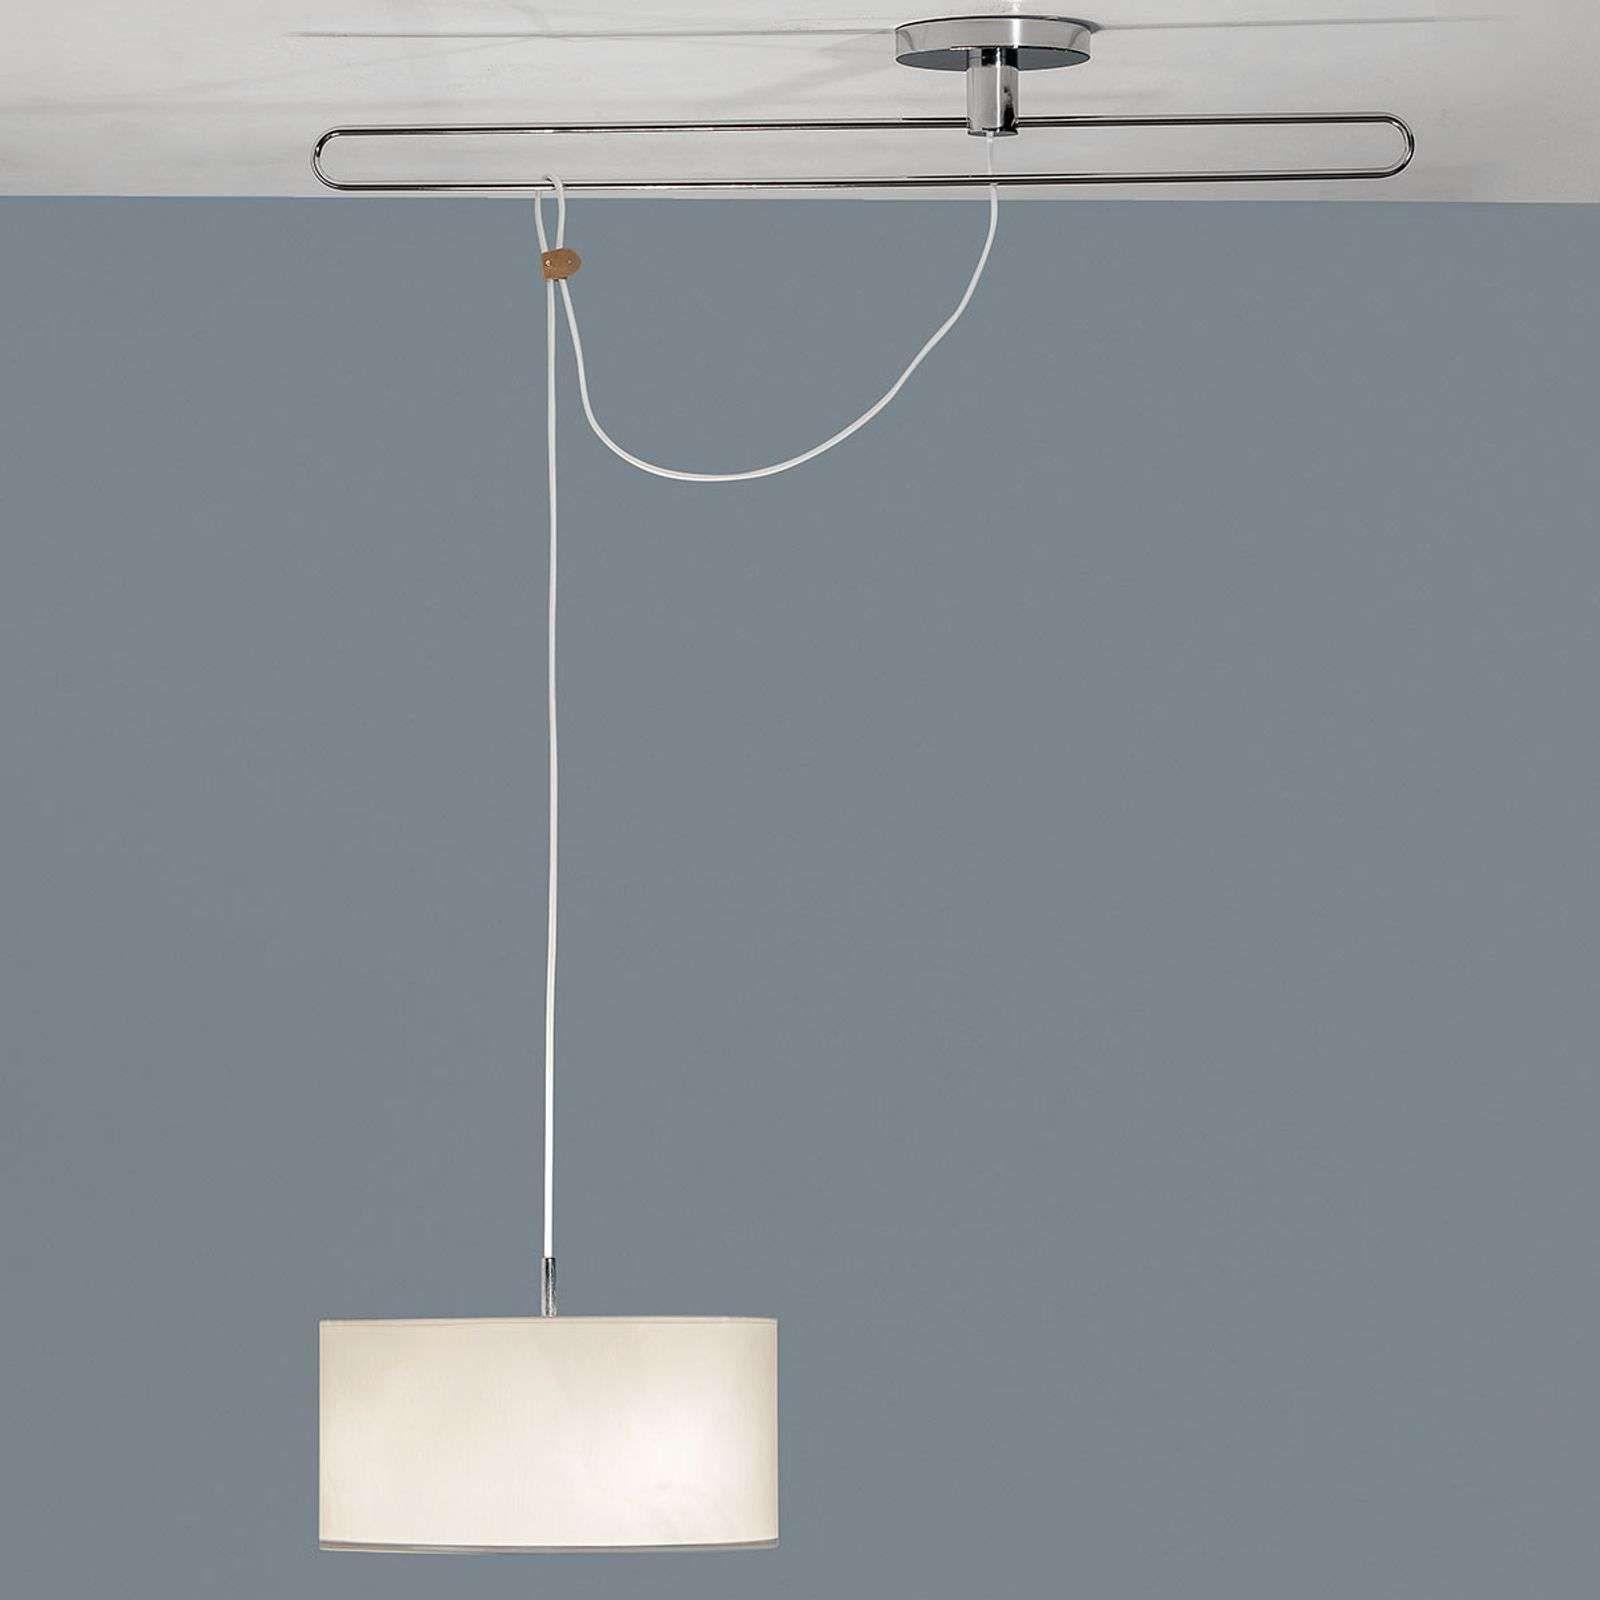 Design Hängelampe LED Ess Leuchten Küchen Wohn Zimmer Lampe Pendelleuchte 12W